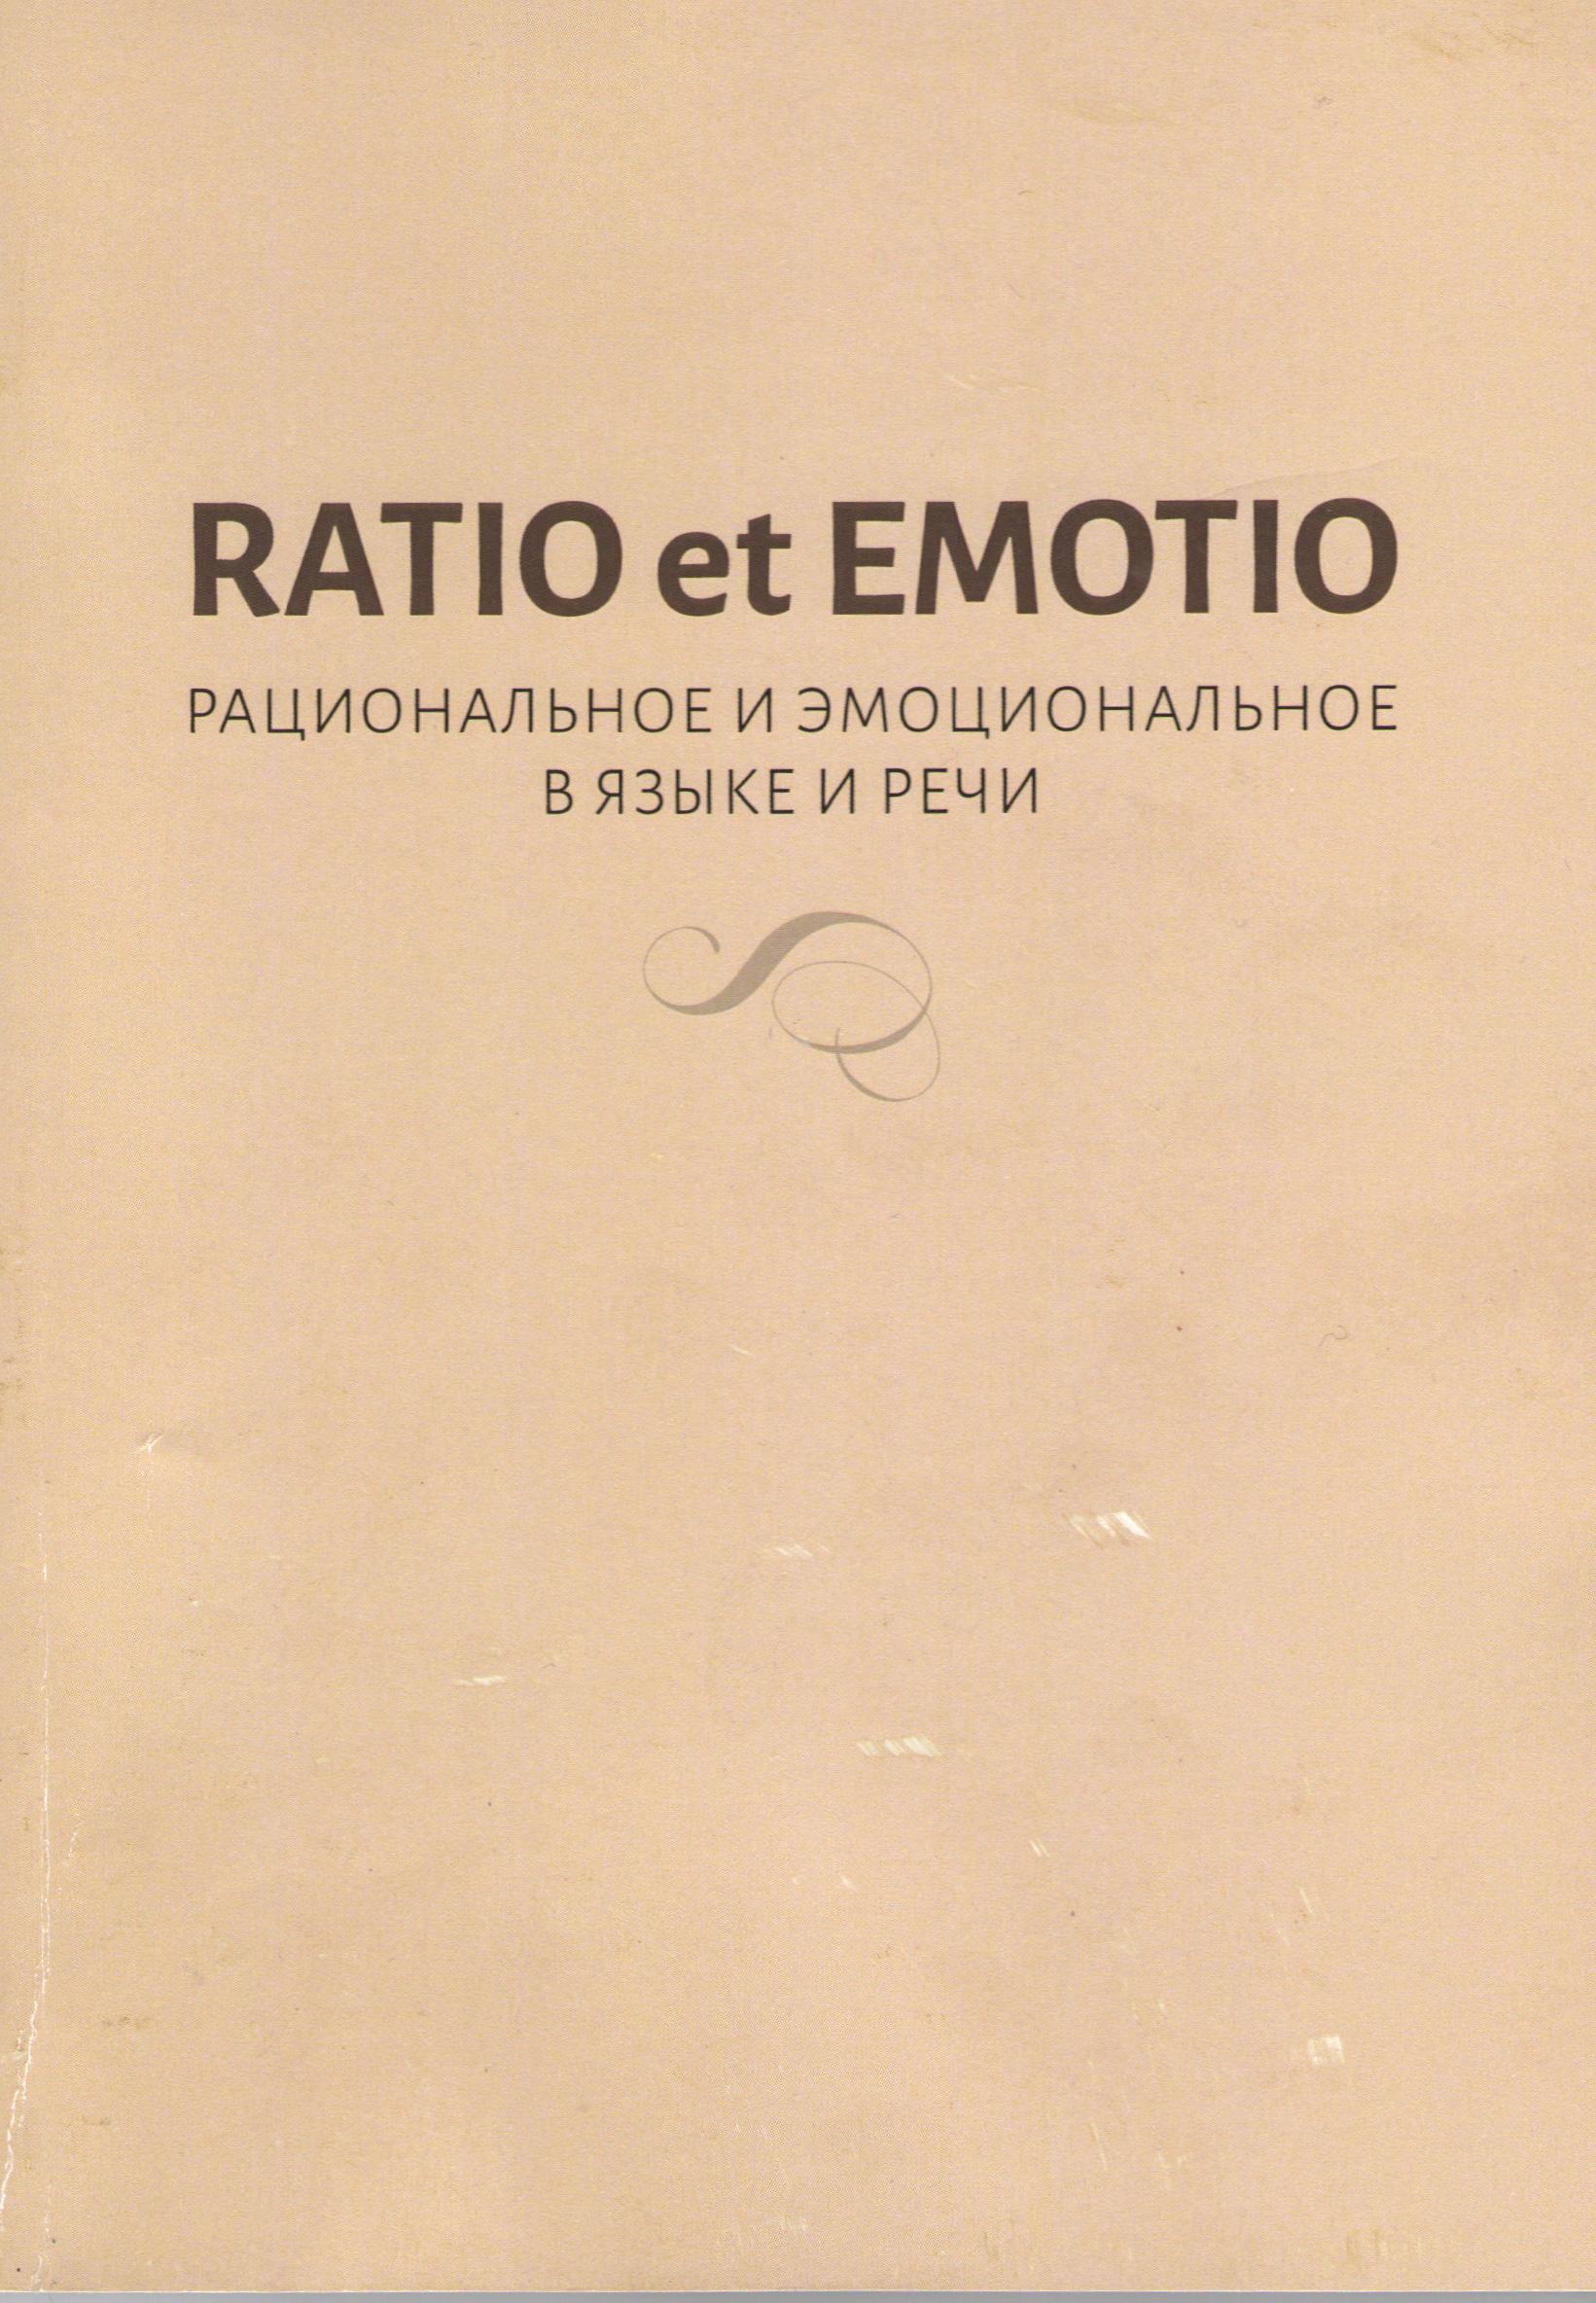 Рацио и эмоцио в повседневной коммуникации